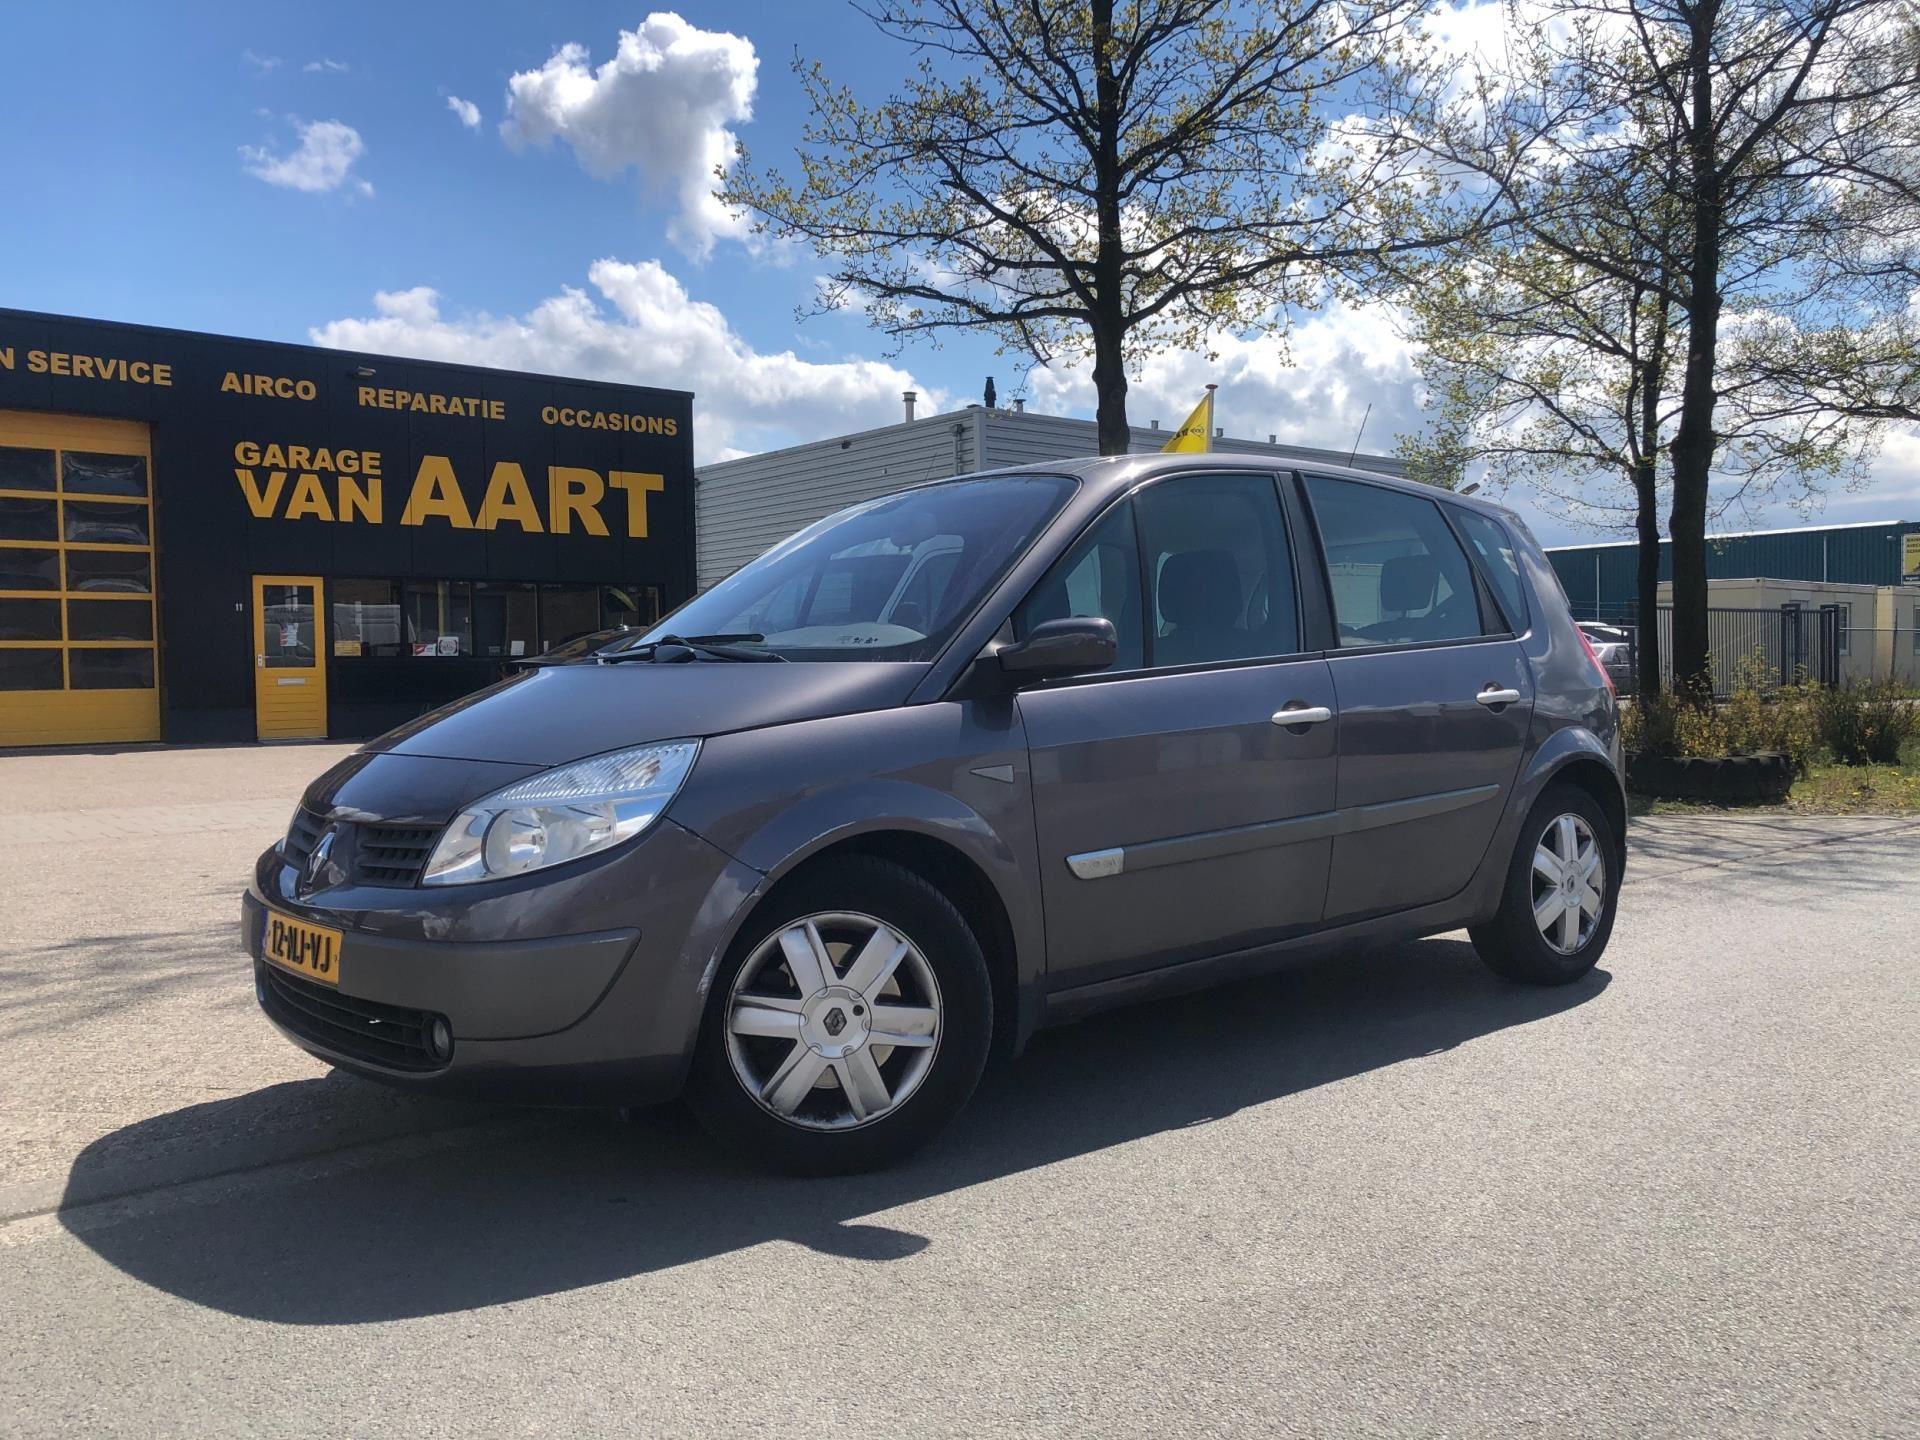 Renault Scénic occasion - Garage van Aart